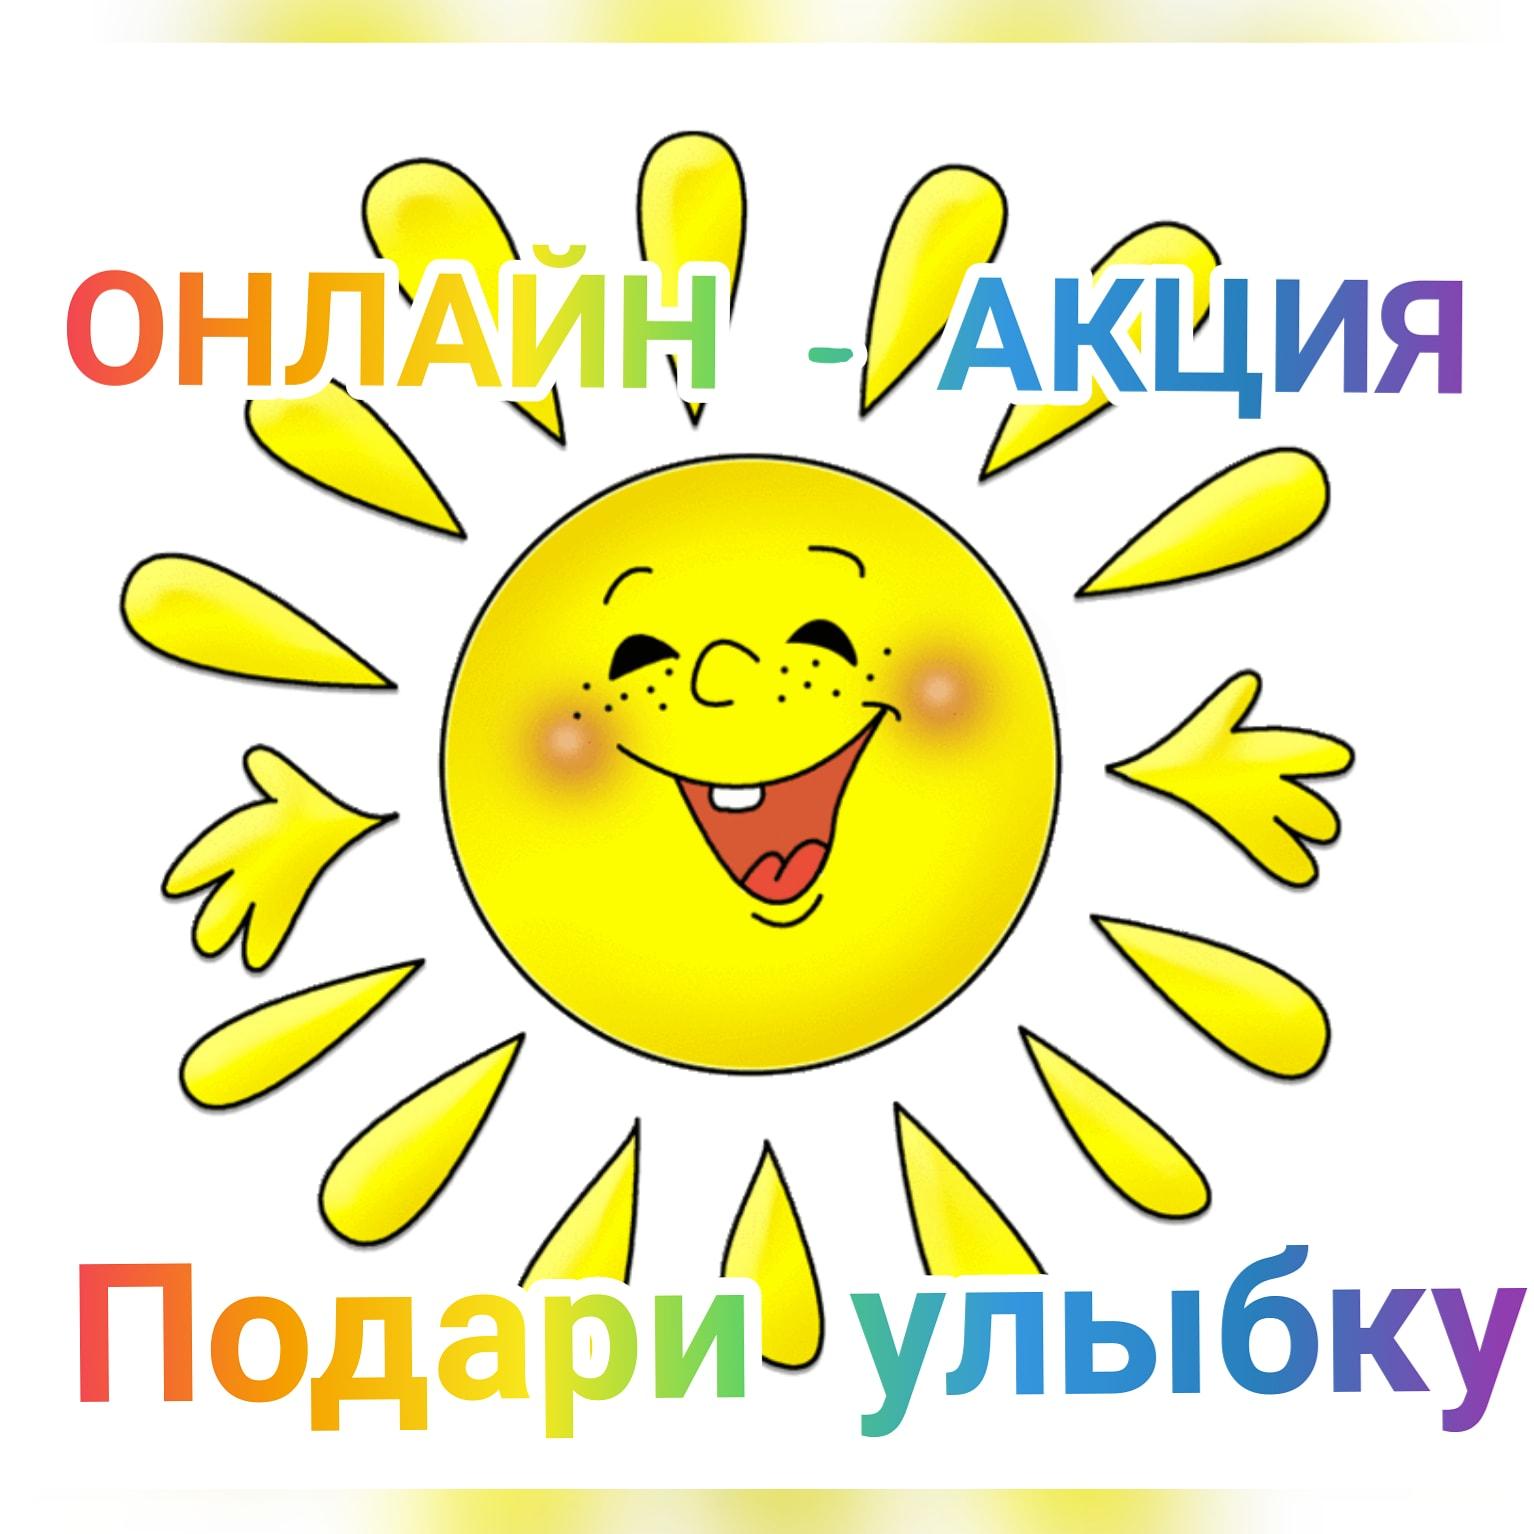 Он-лайн акция «Подари улыбку»